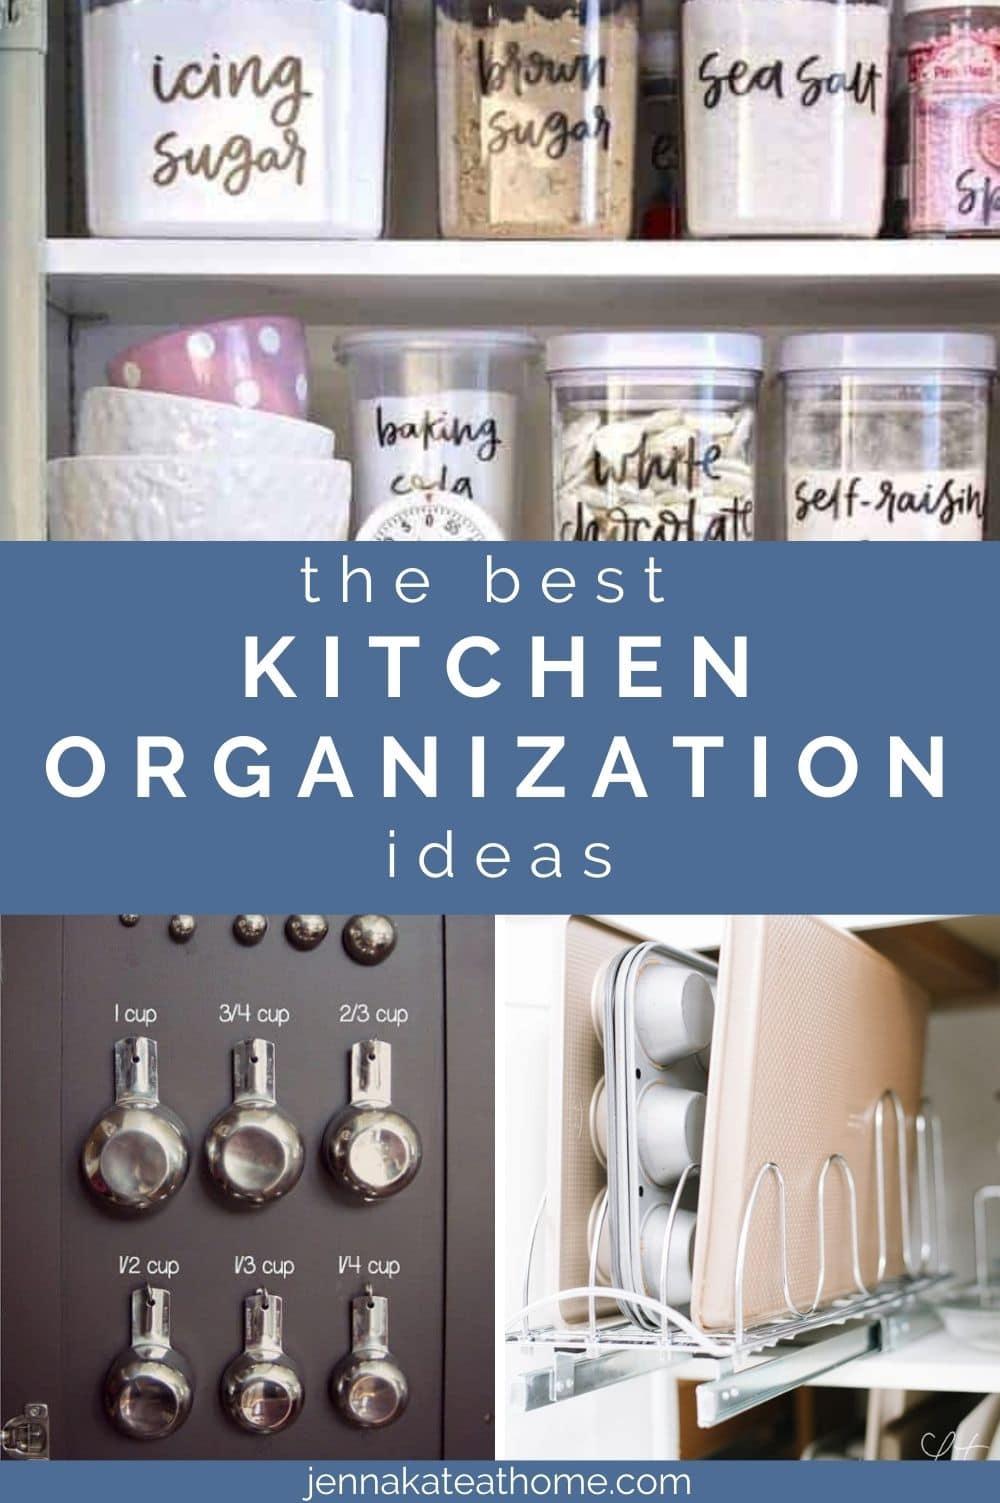 the best kitchen organization ideas